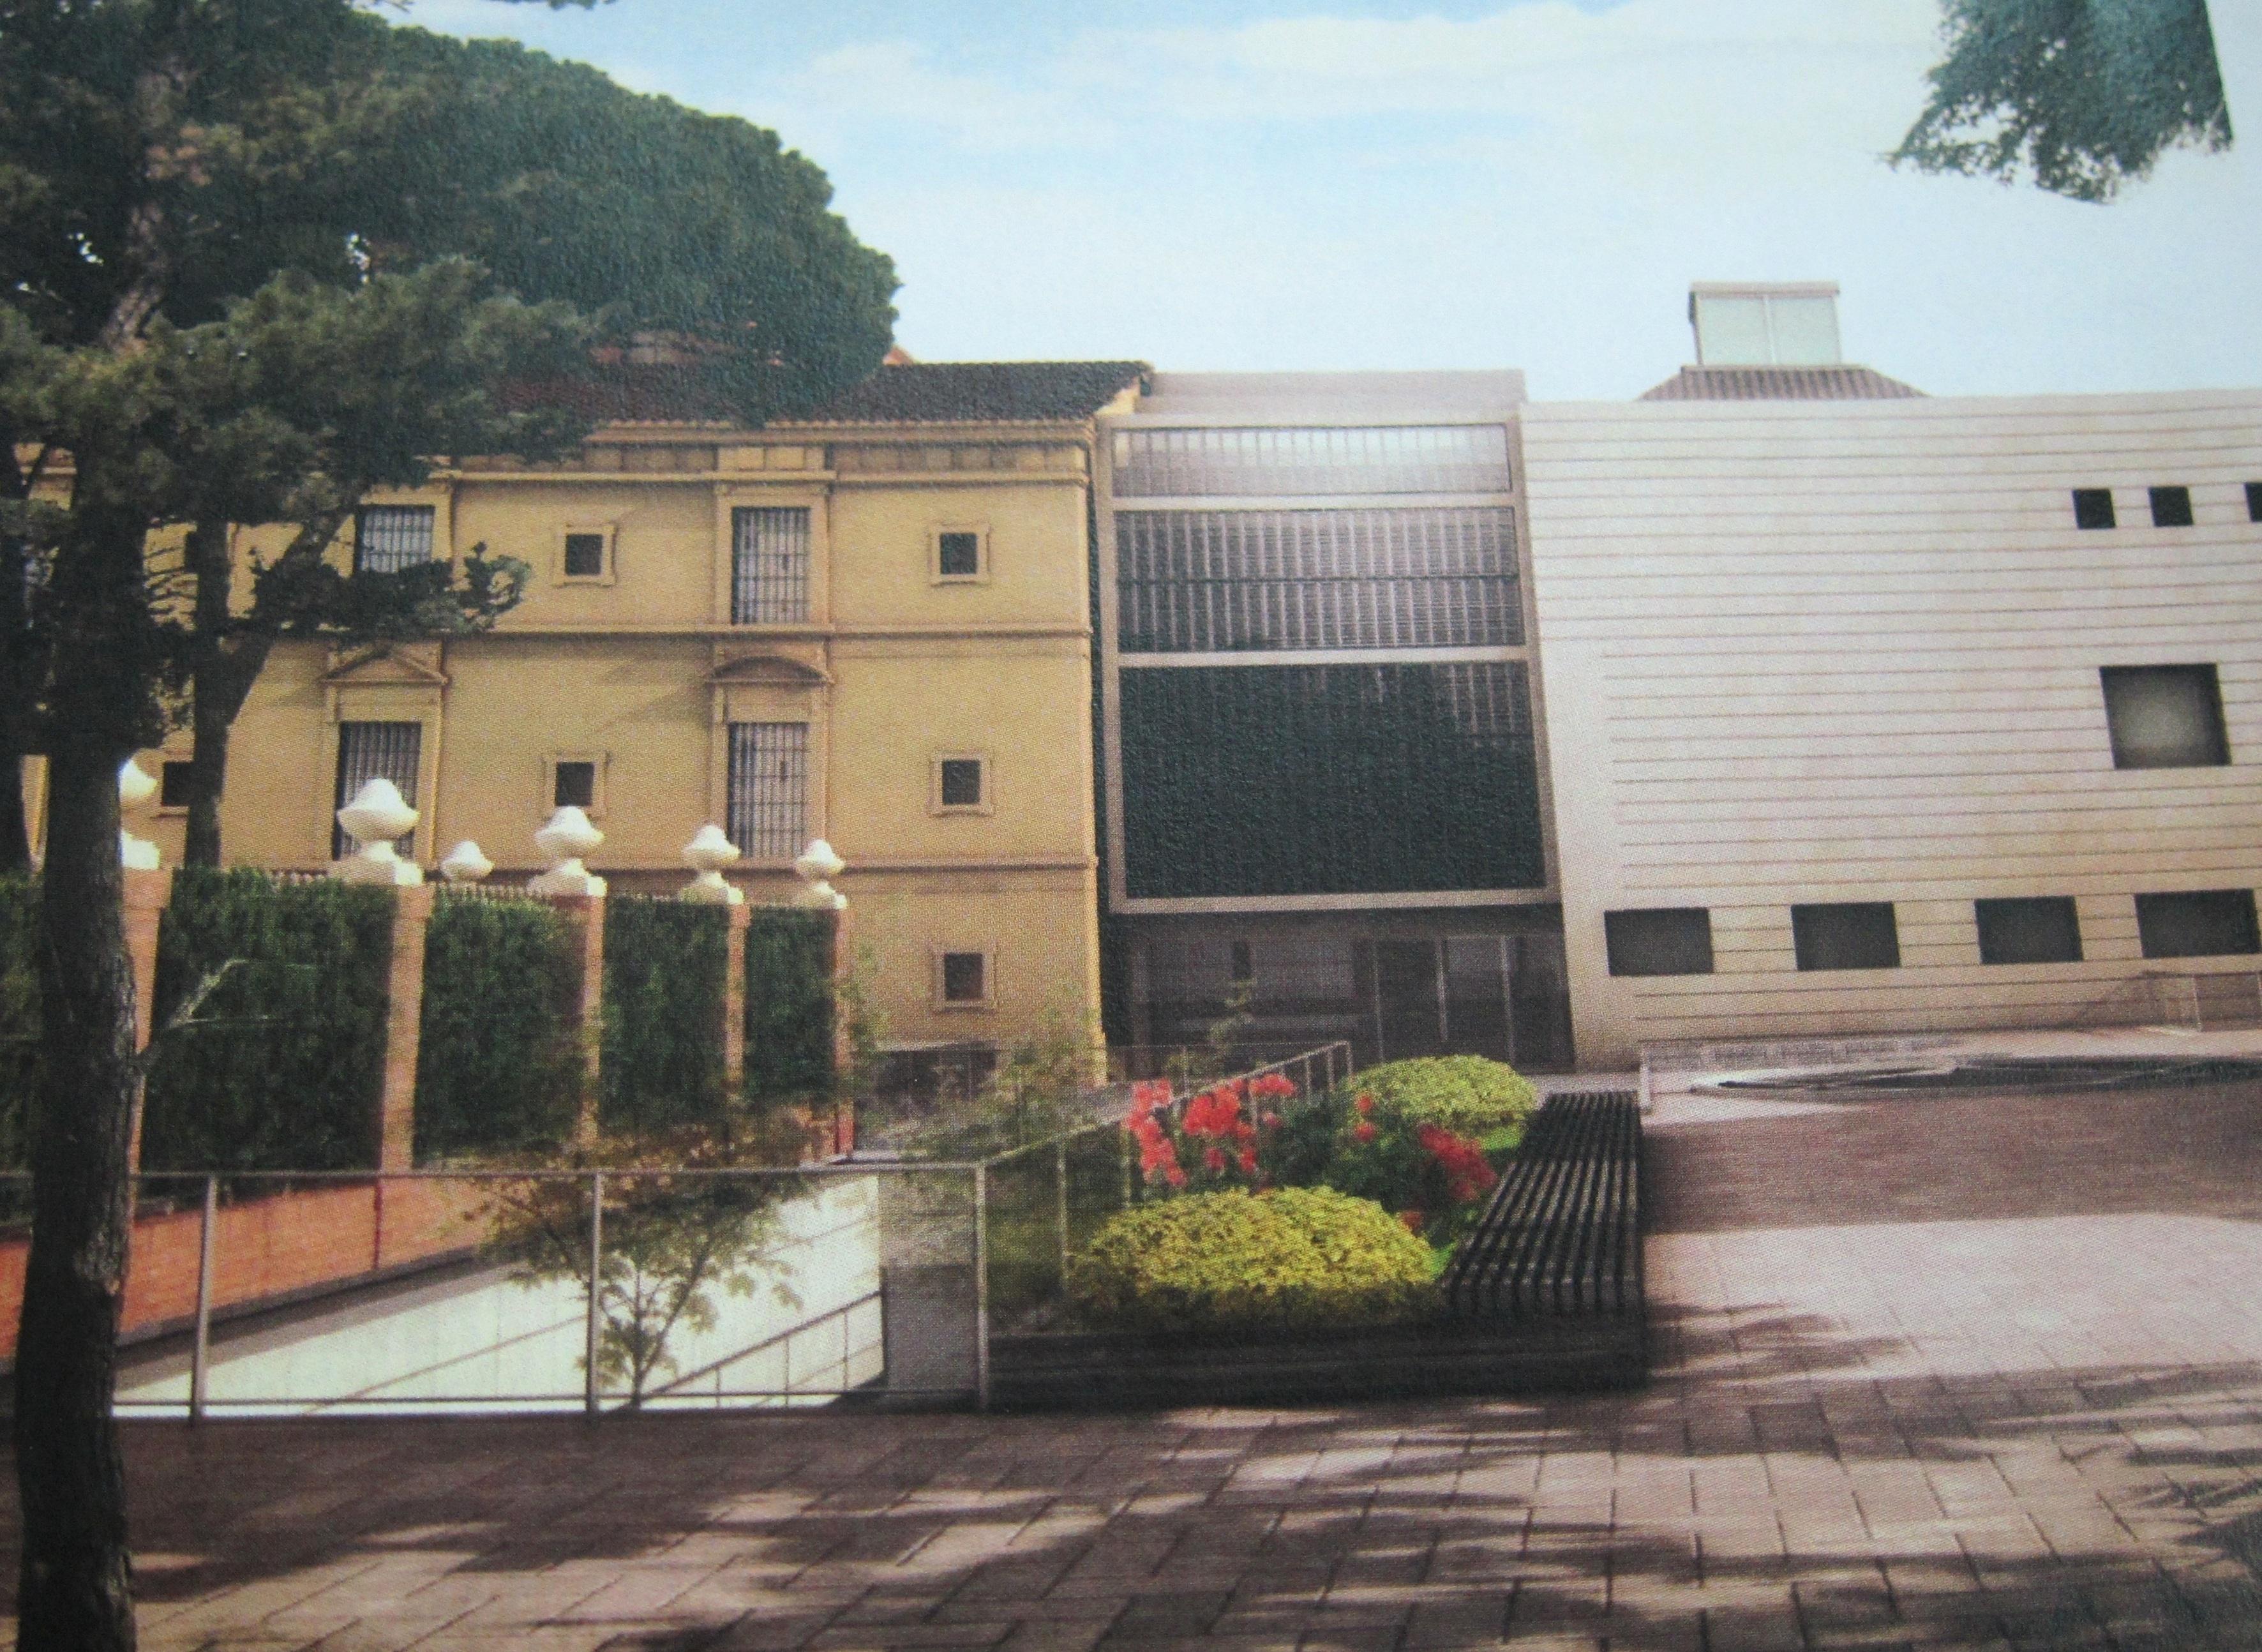 29 empresas se presentan al concurso para las obras del San Pío V con ofertas de entre 6,2 y 9,5 millones